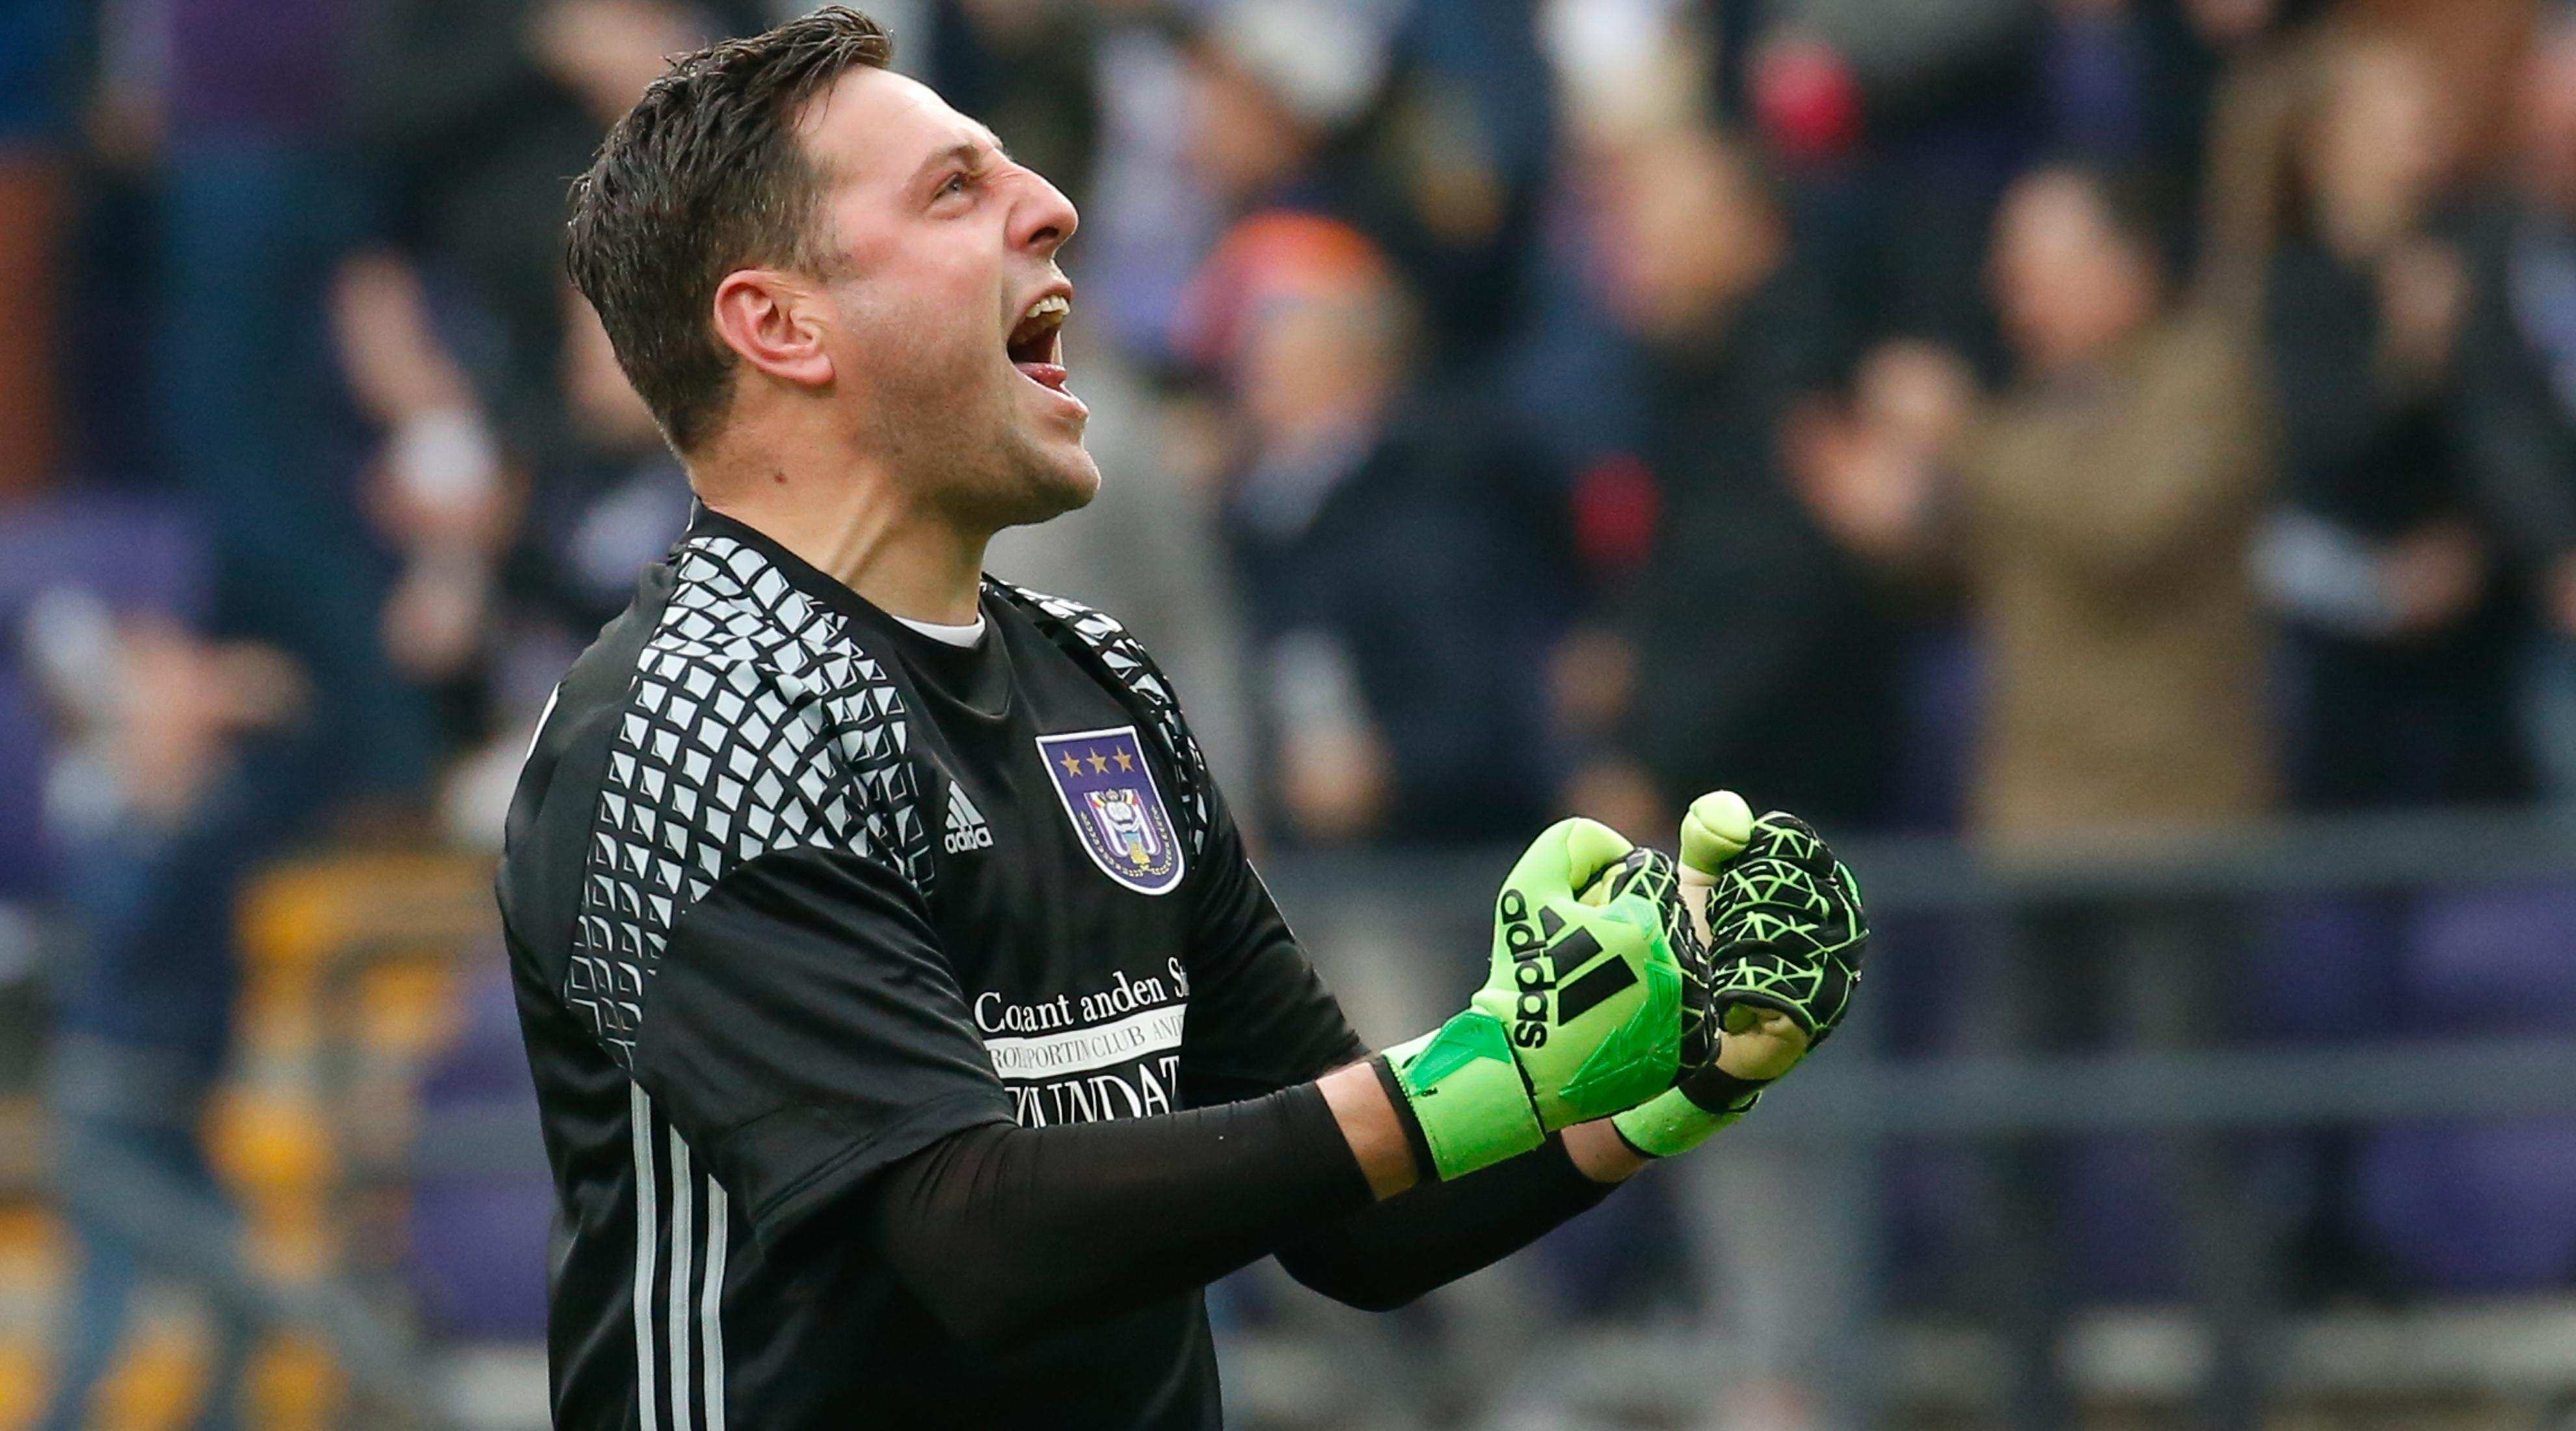 Frank Boeckx - RSC Anderlecht